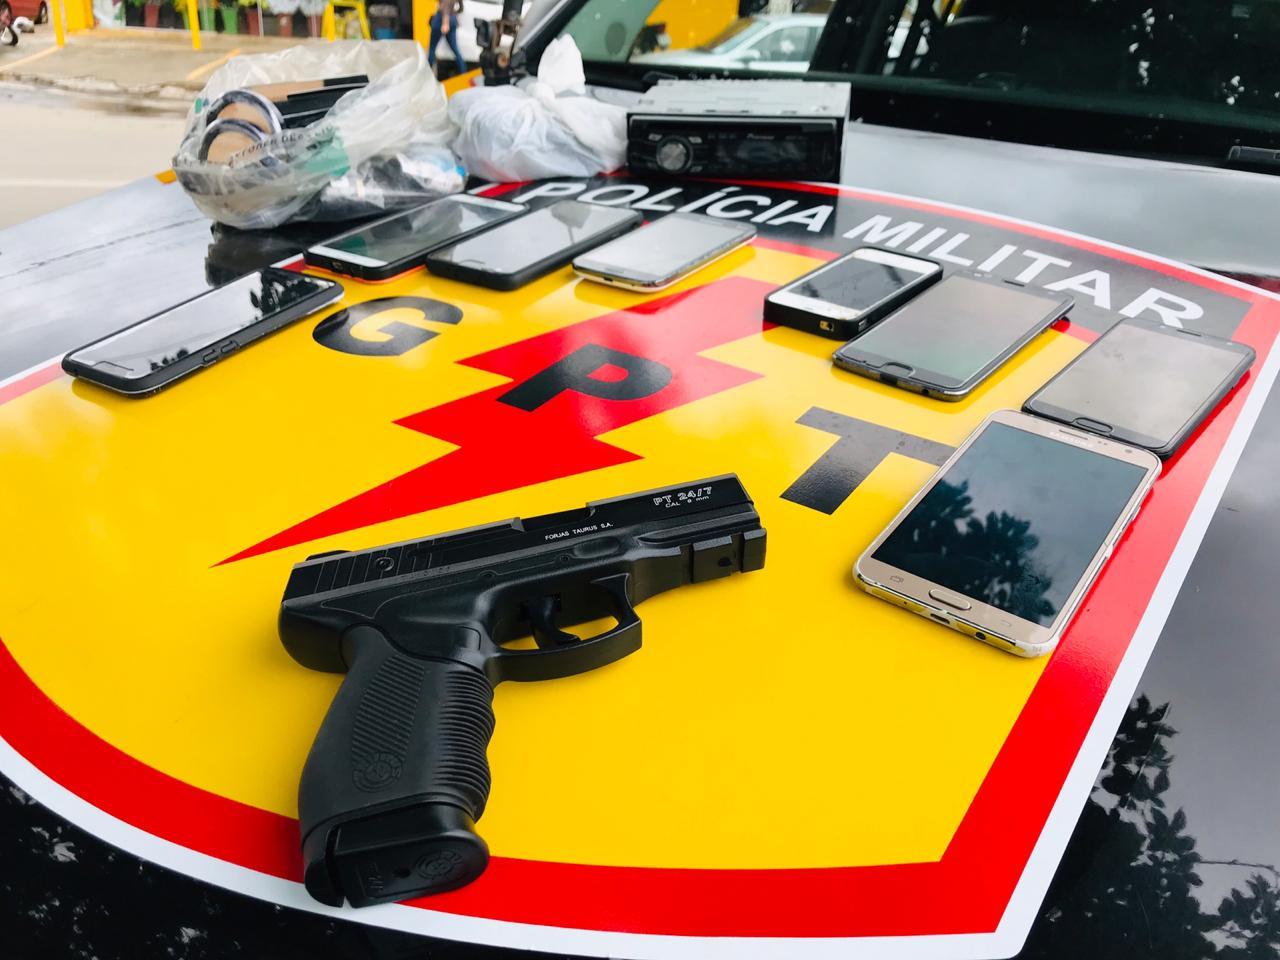 Foto: GPT - Polícia Militar do Estado de Goiás.